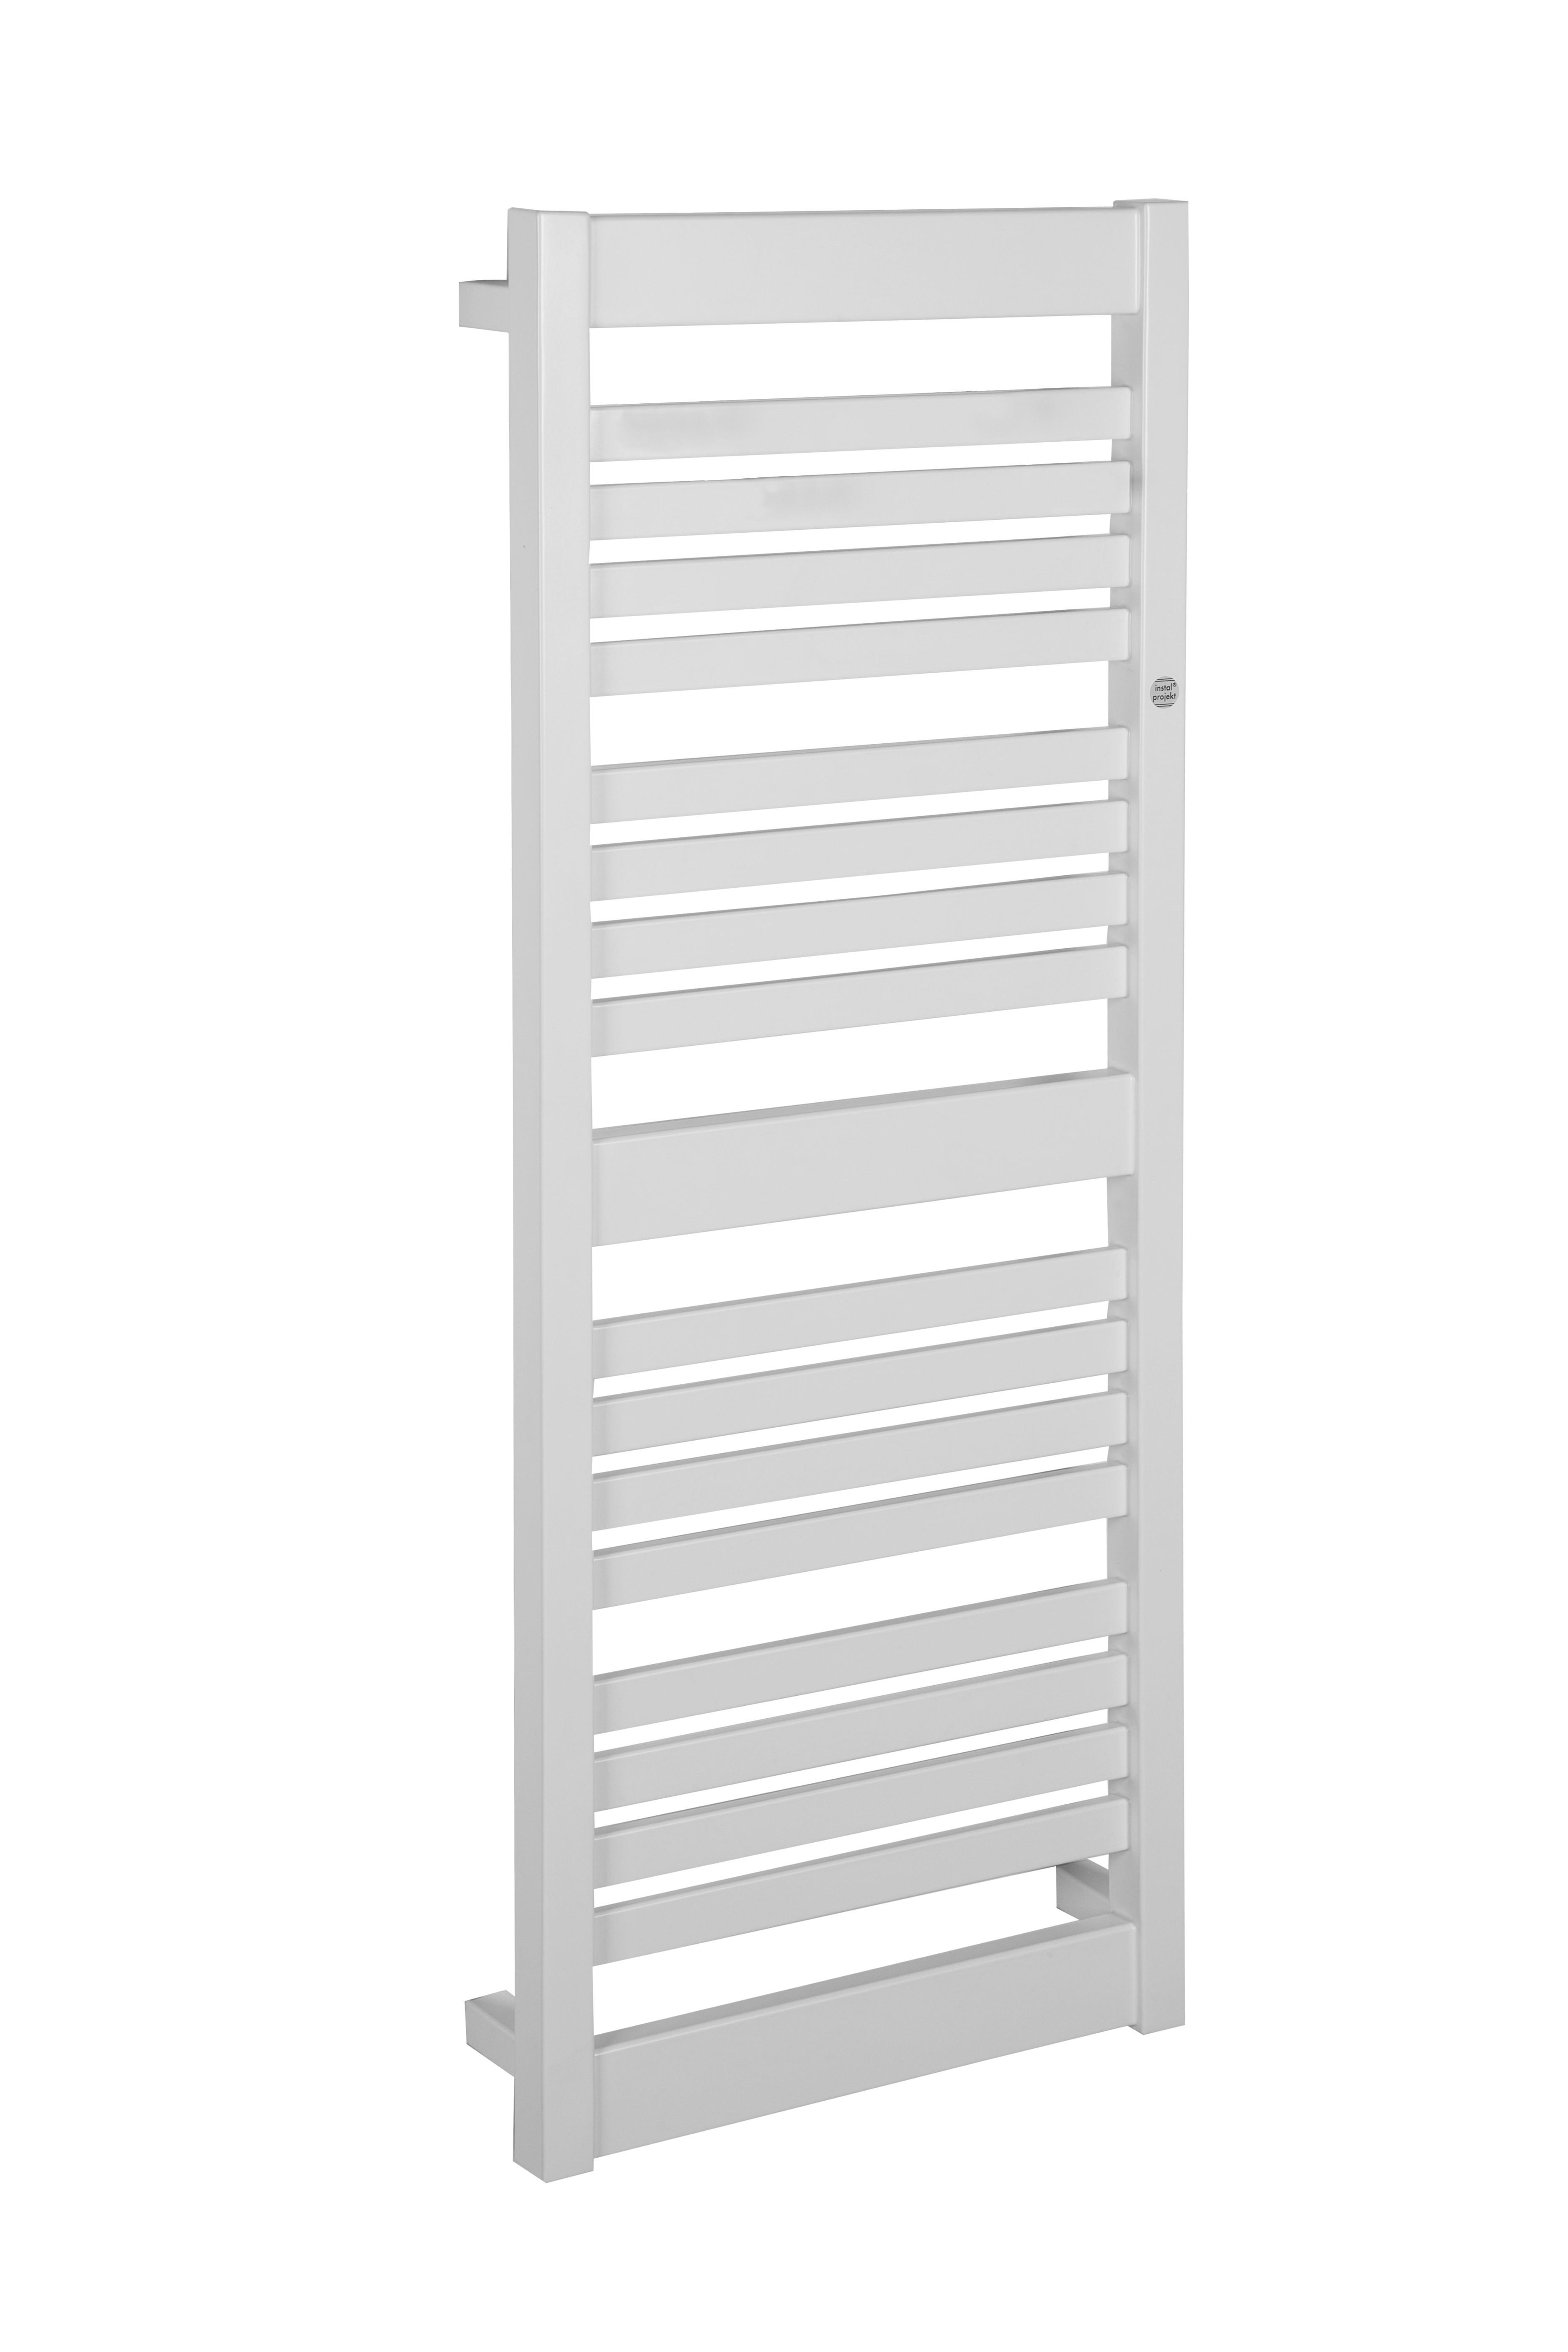 HOPA Koupelnový radiátor FRAME SLIM Barva radiátoru Bílá, Rozměr radiátoru HL 400 × 1078 mm, výkon 418 W RADFRAS401134